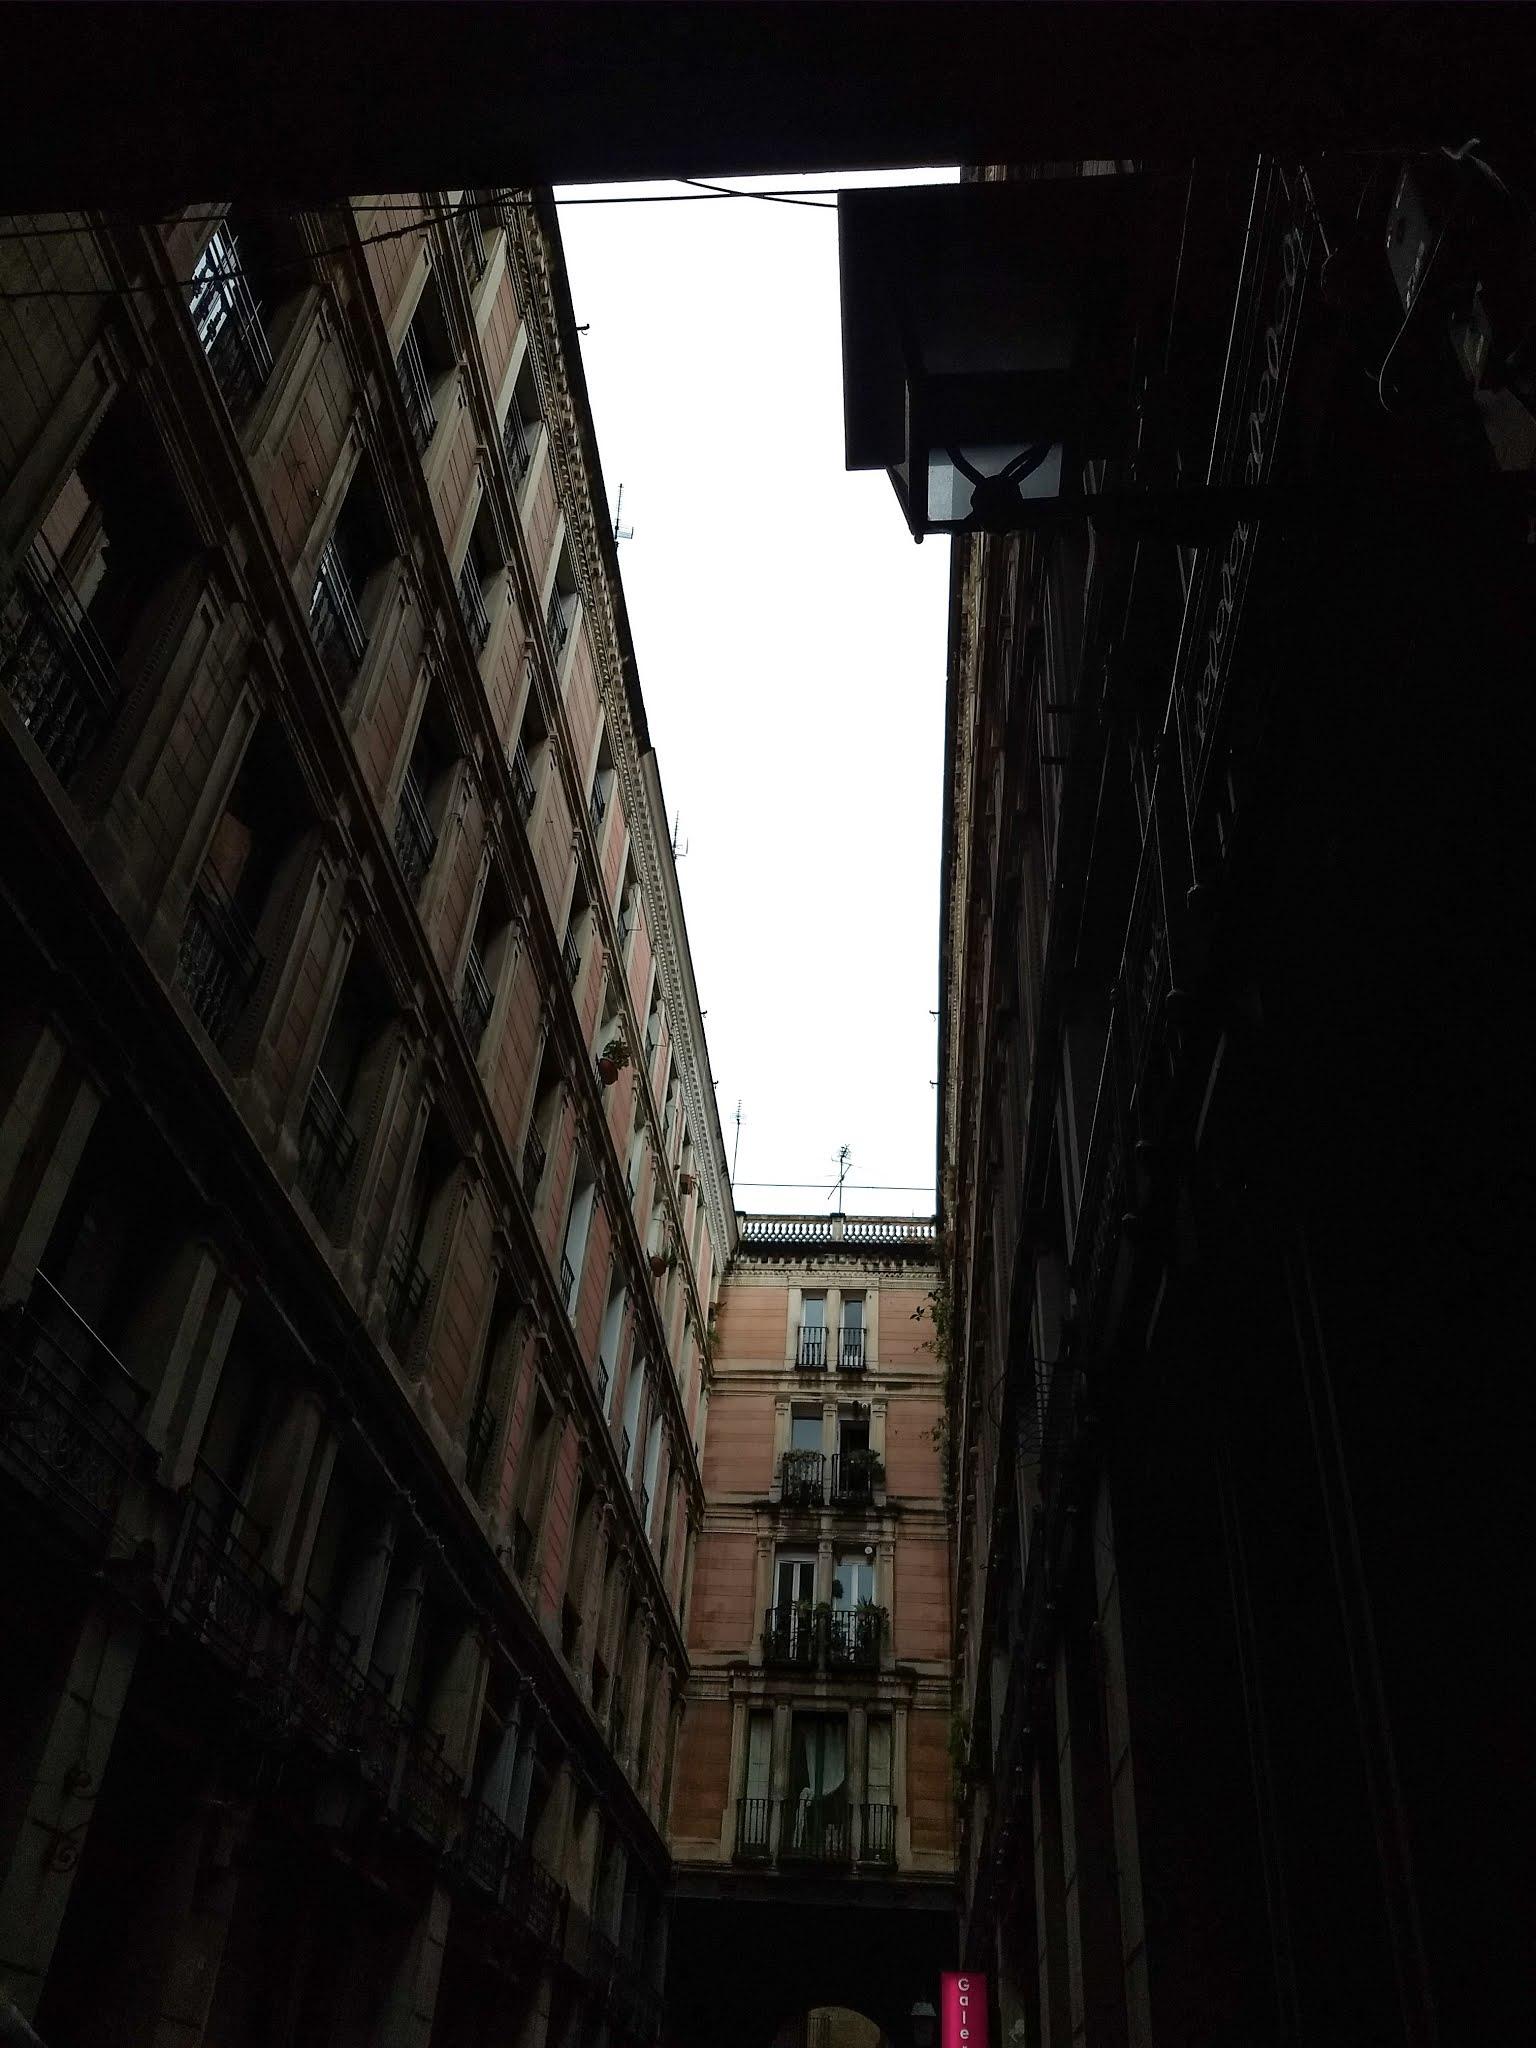 Building passageway on Carrer d'en Rauric in Barcelona, Spain.